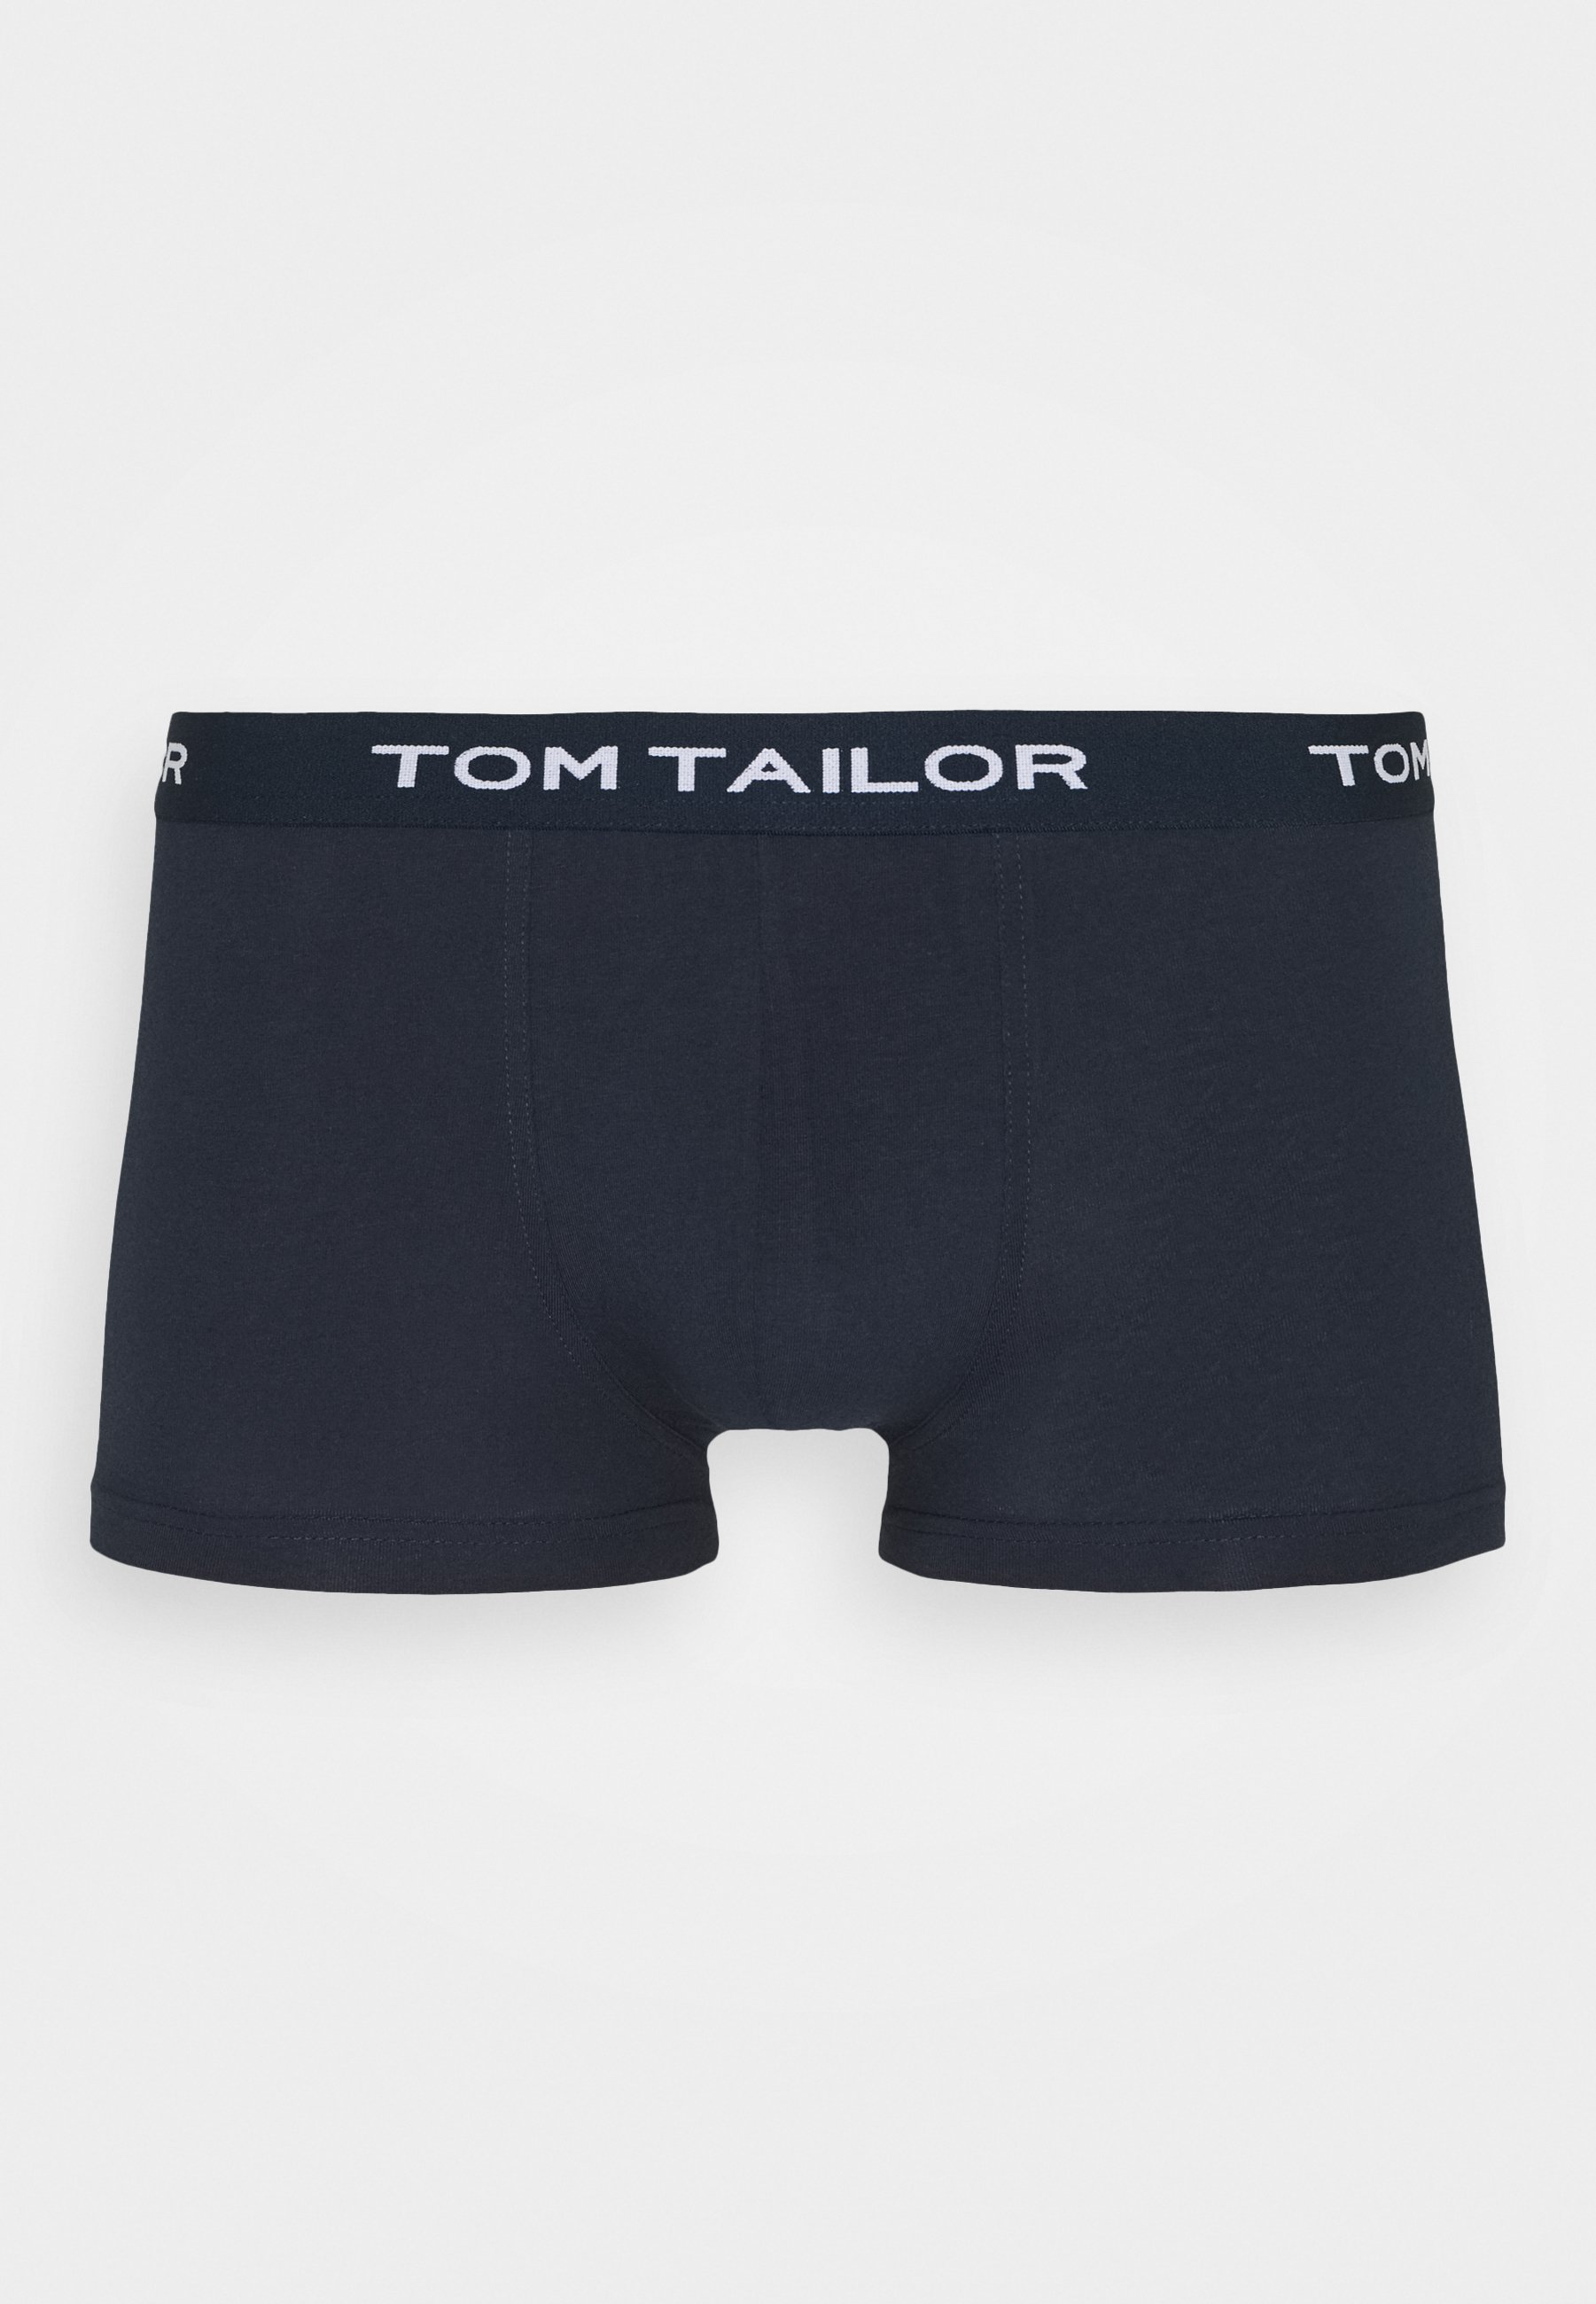 Tom Tailor Pants 3 Pack - Panties Blue/dark